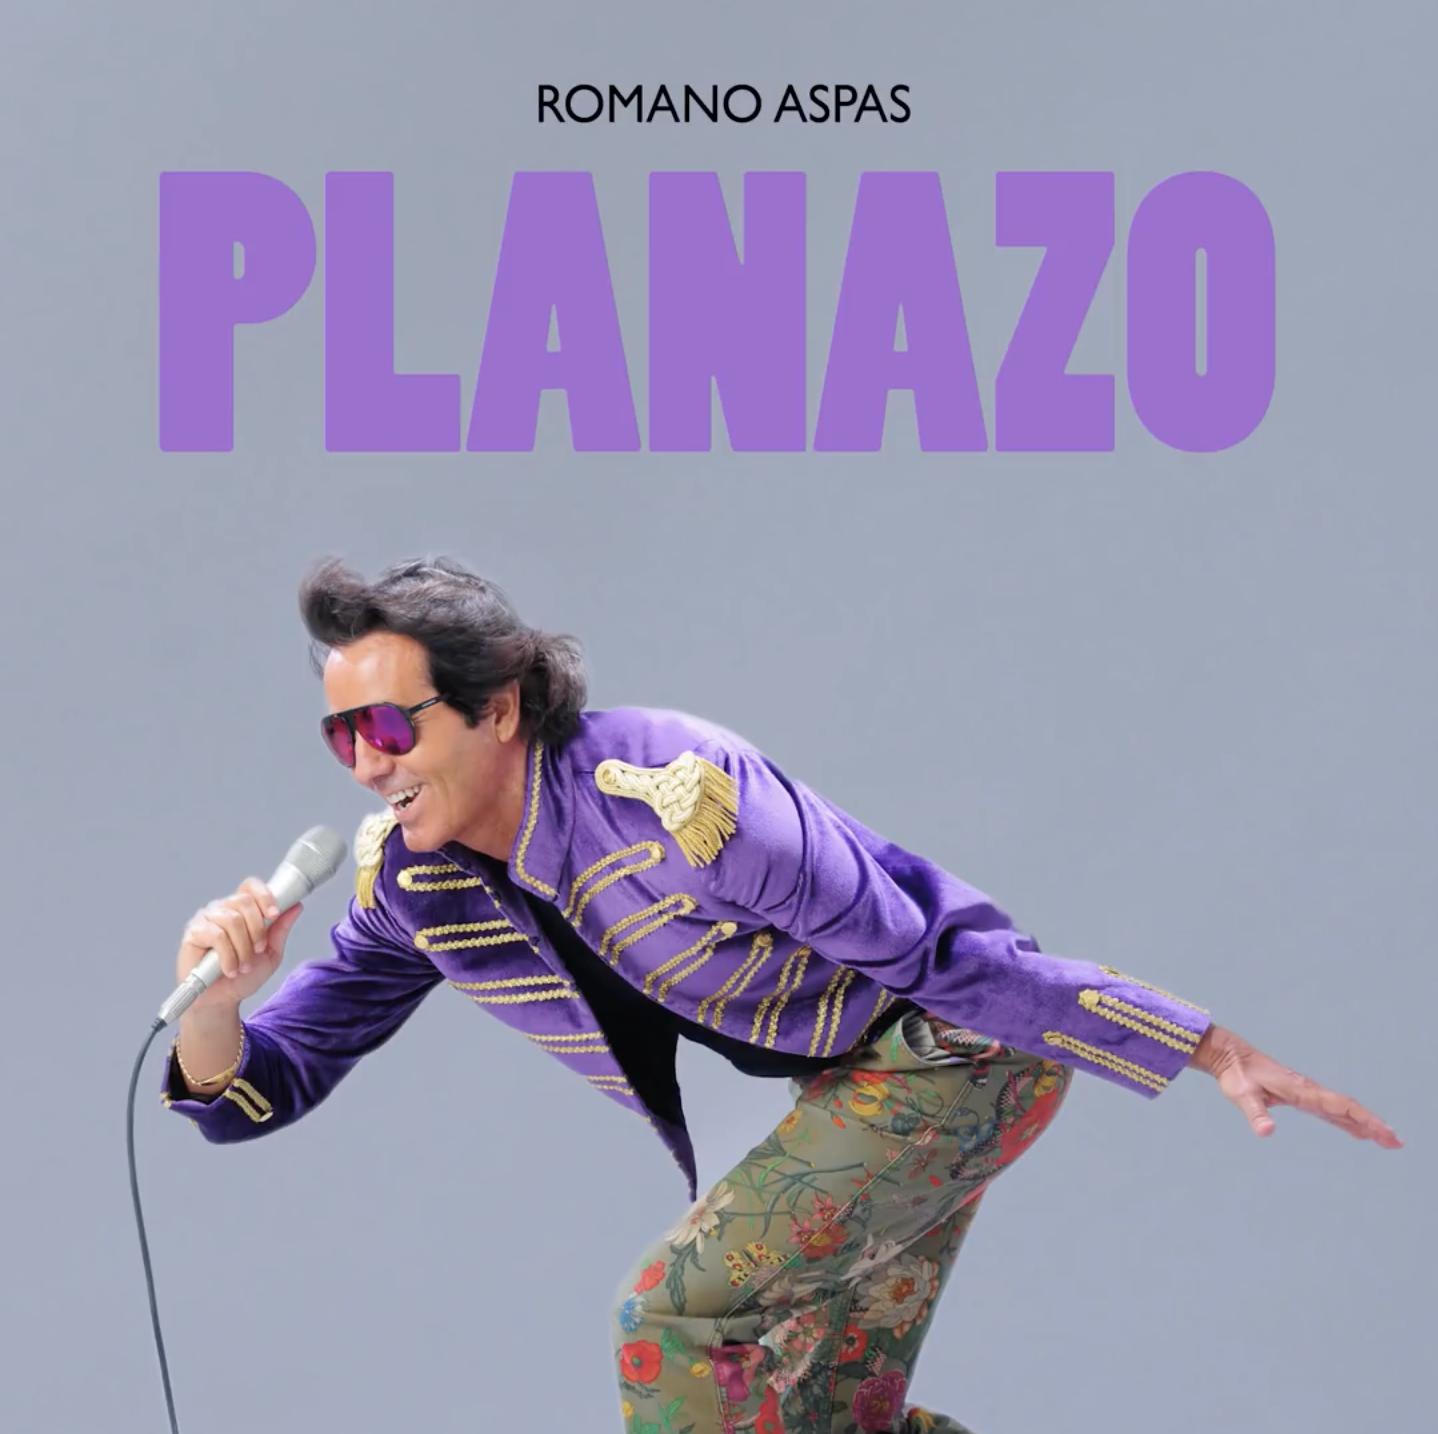 Planazo Romano Aspas